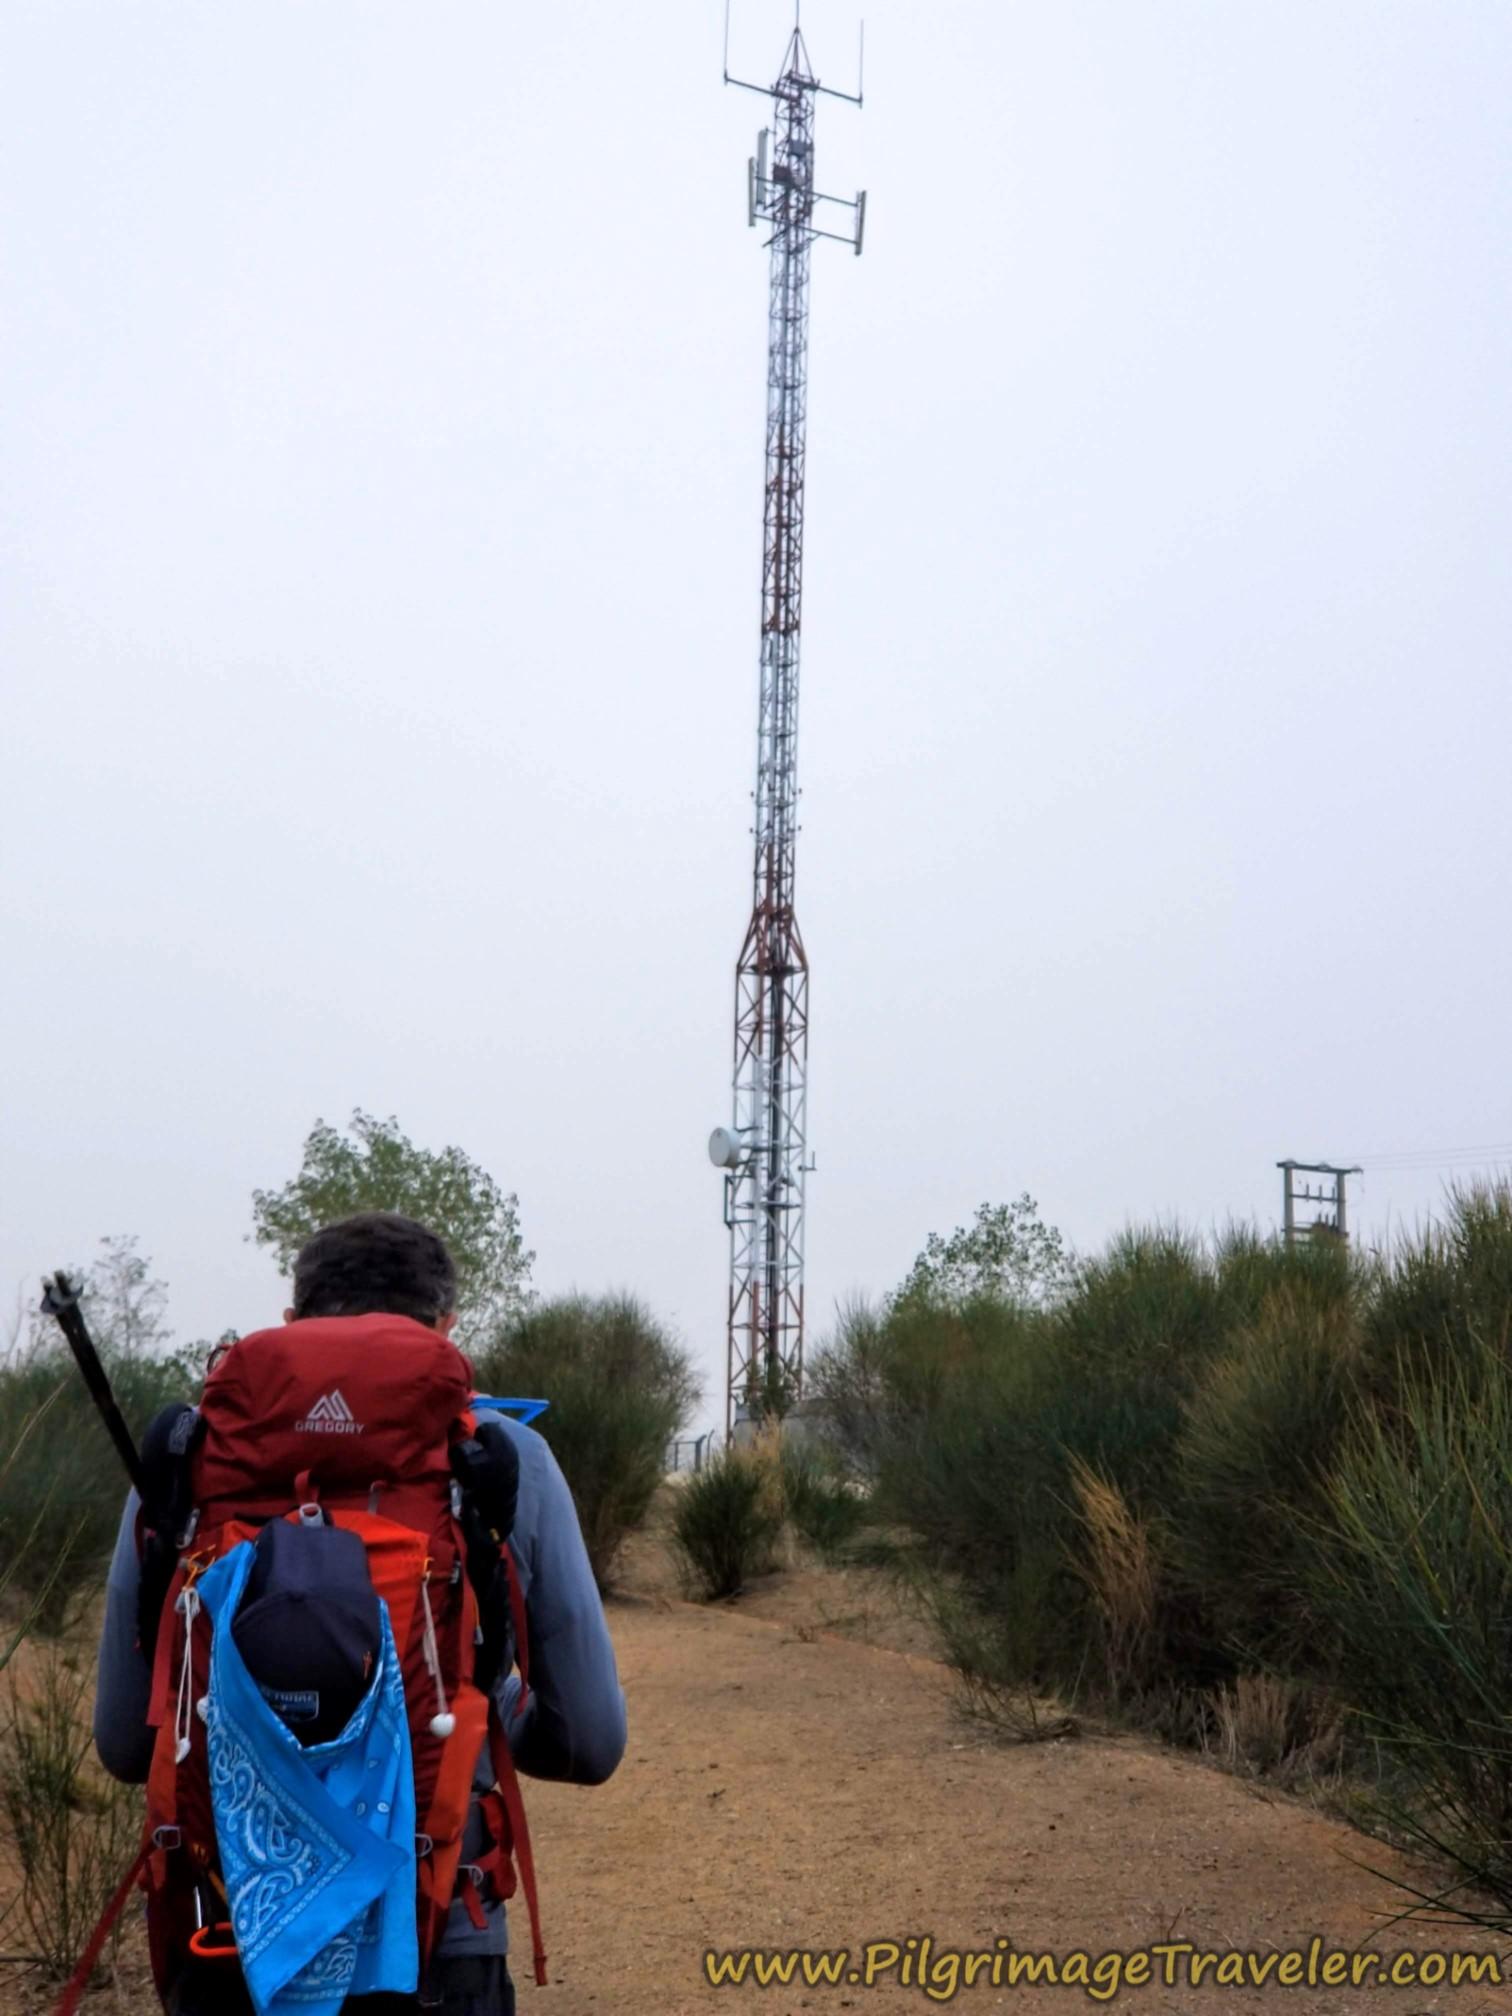 Cell Tower at Top of Second Overpass on the Vía de la Plata from Cañedino to Villanueva de Campeán